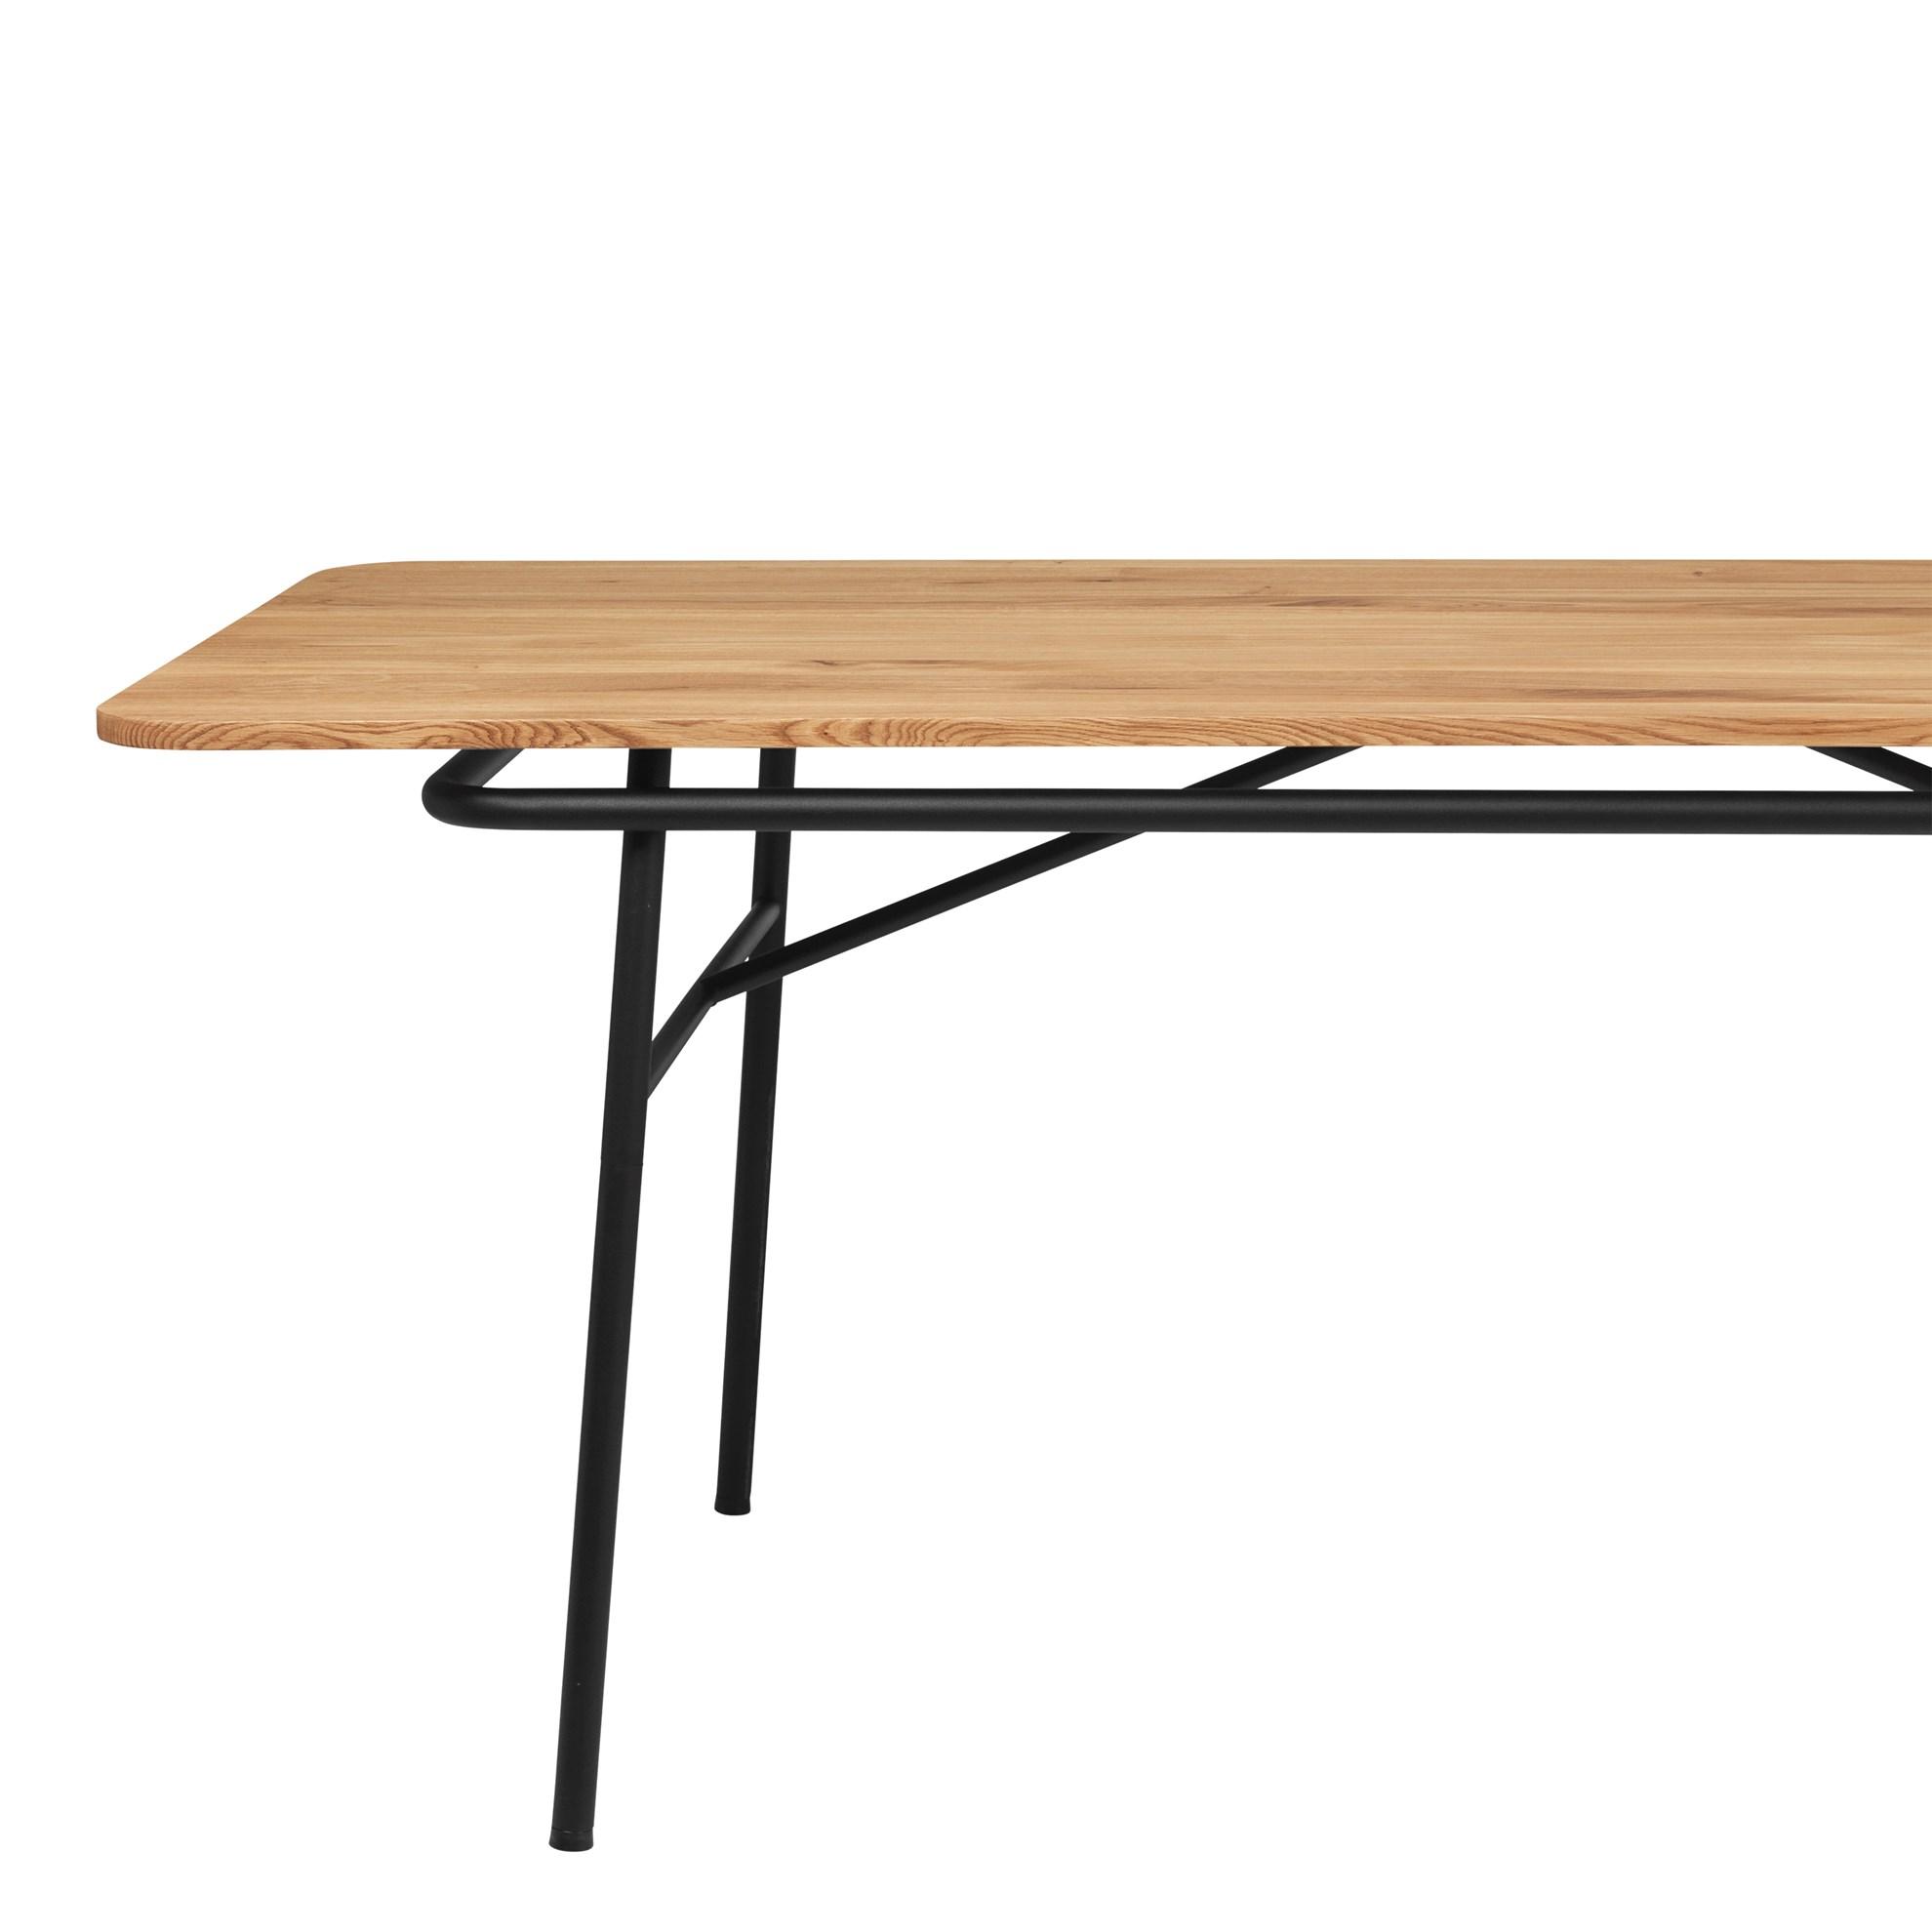 Deska pro jídelné stůl MOON OAK (pouze deska)_2